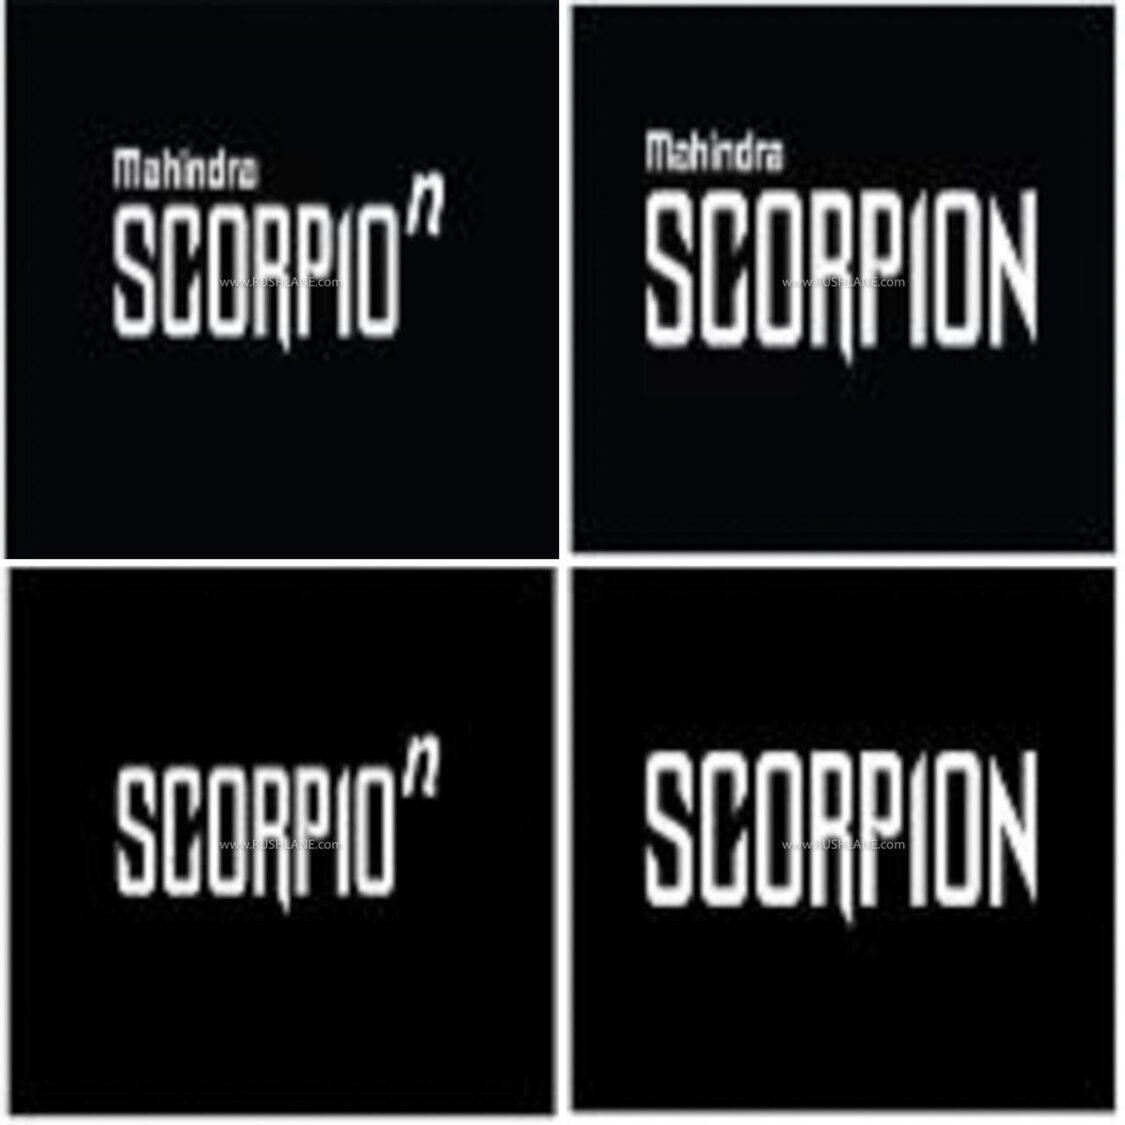 Mahindra ScorpioN